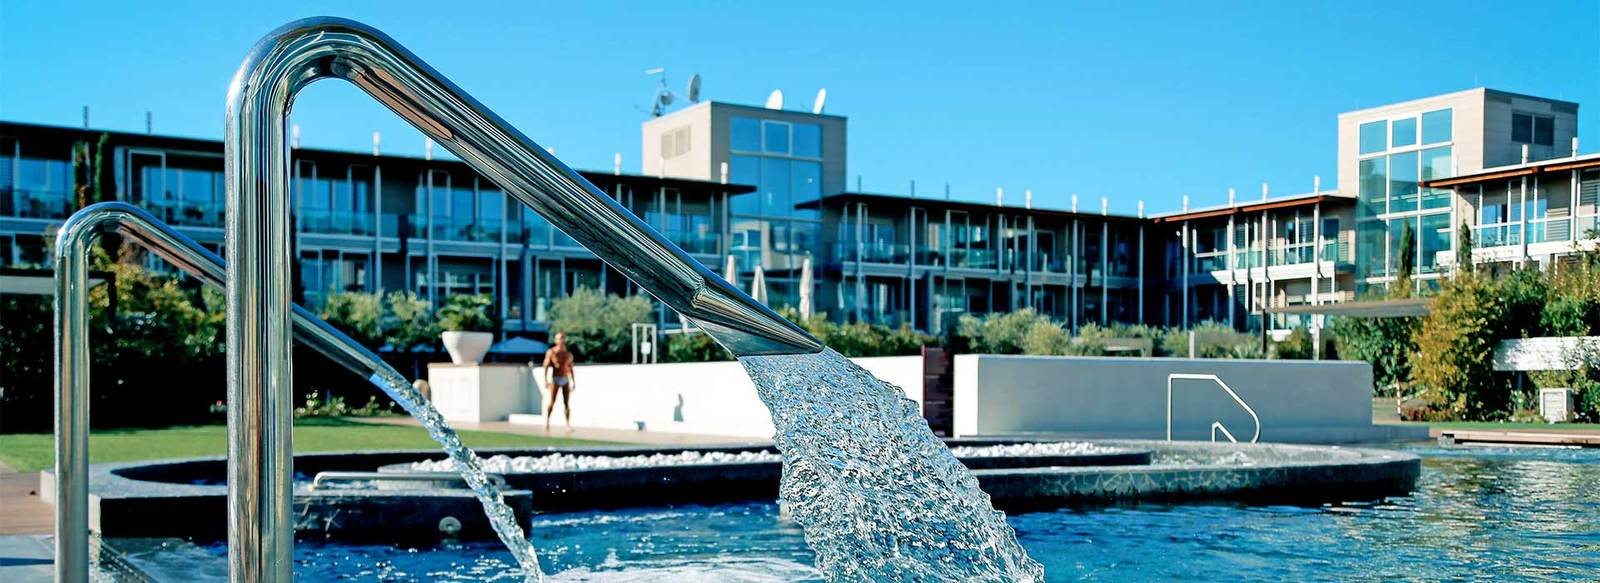 Spa Hotel sul Lago di Garda